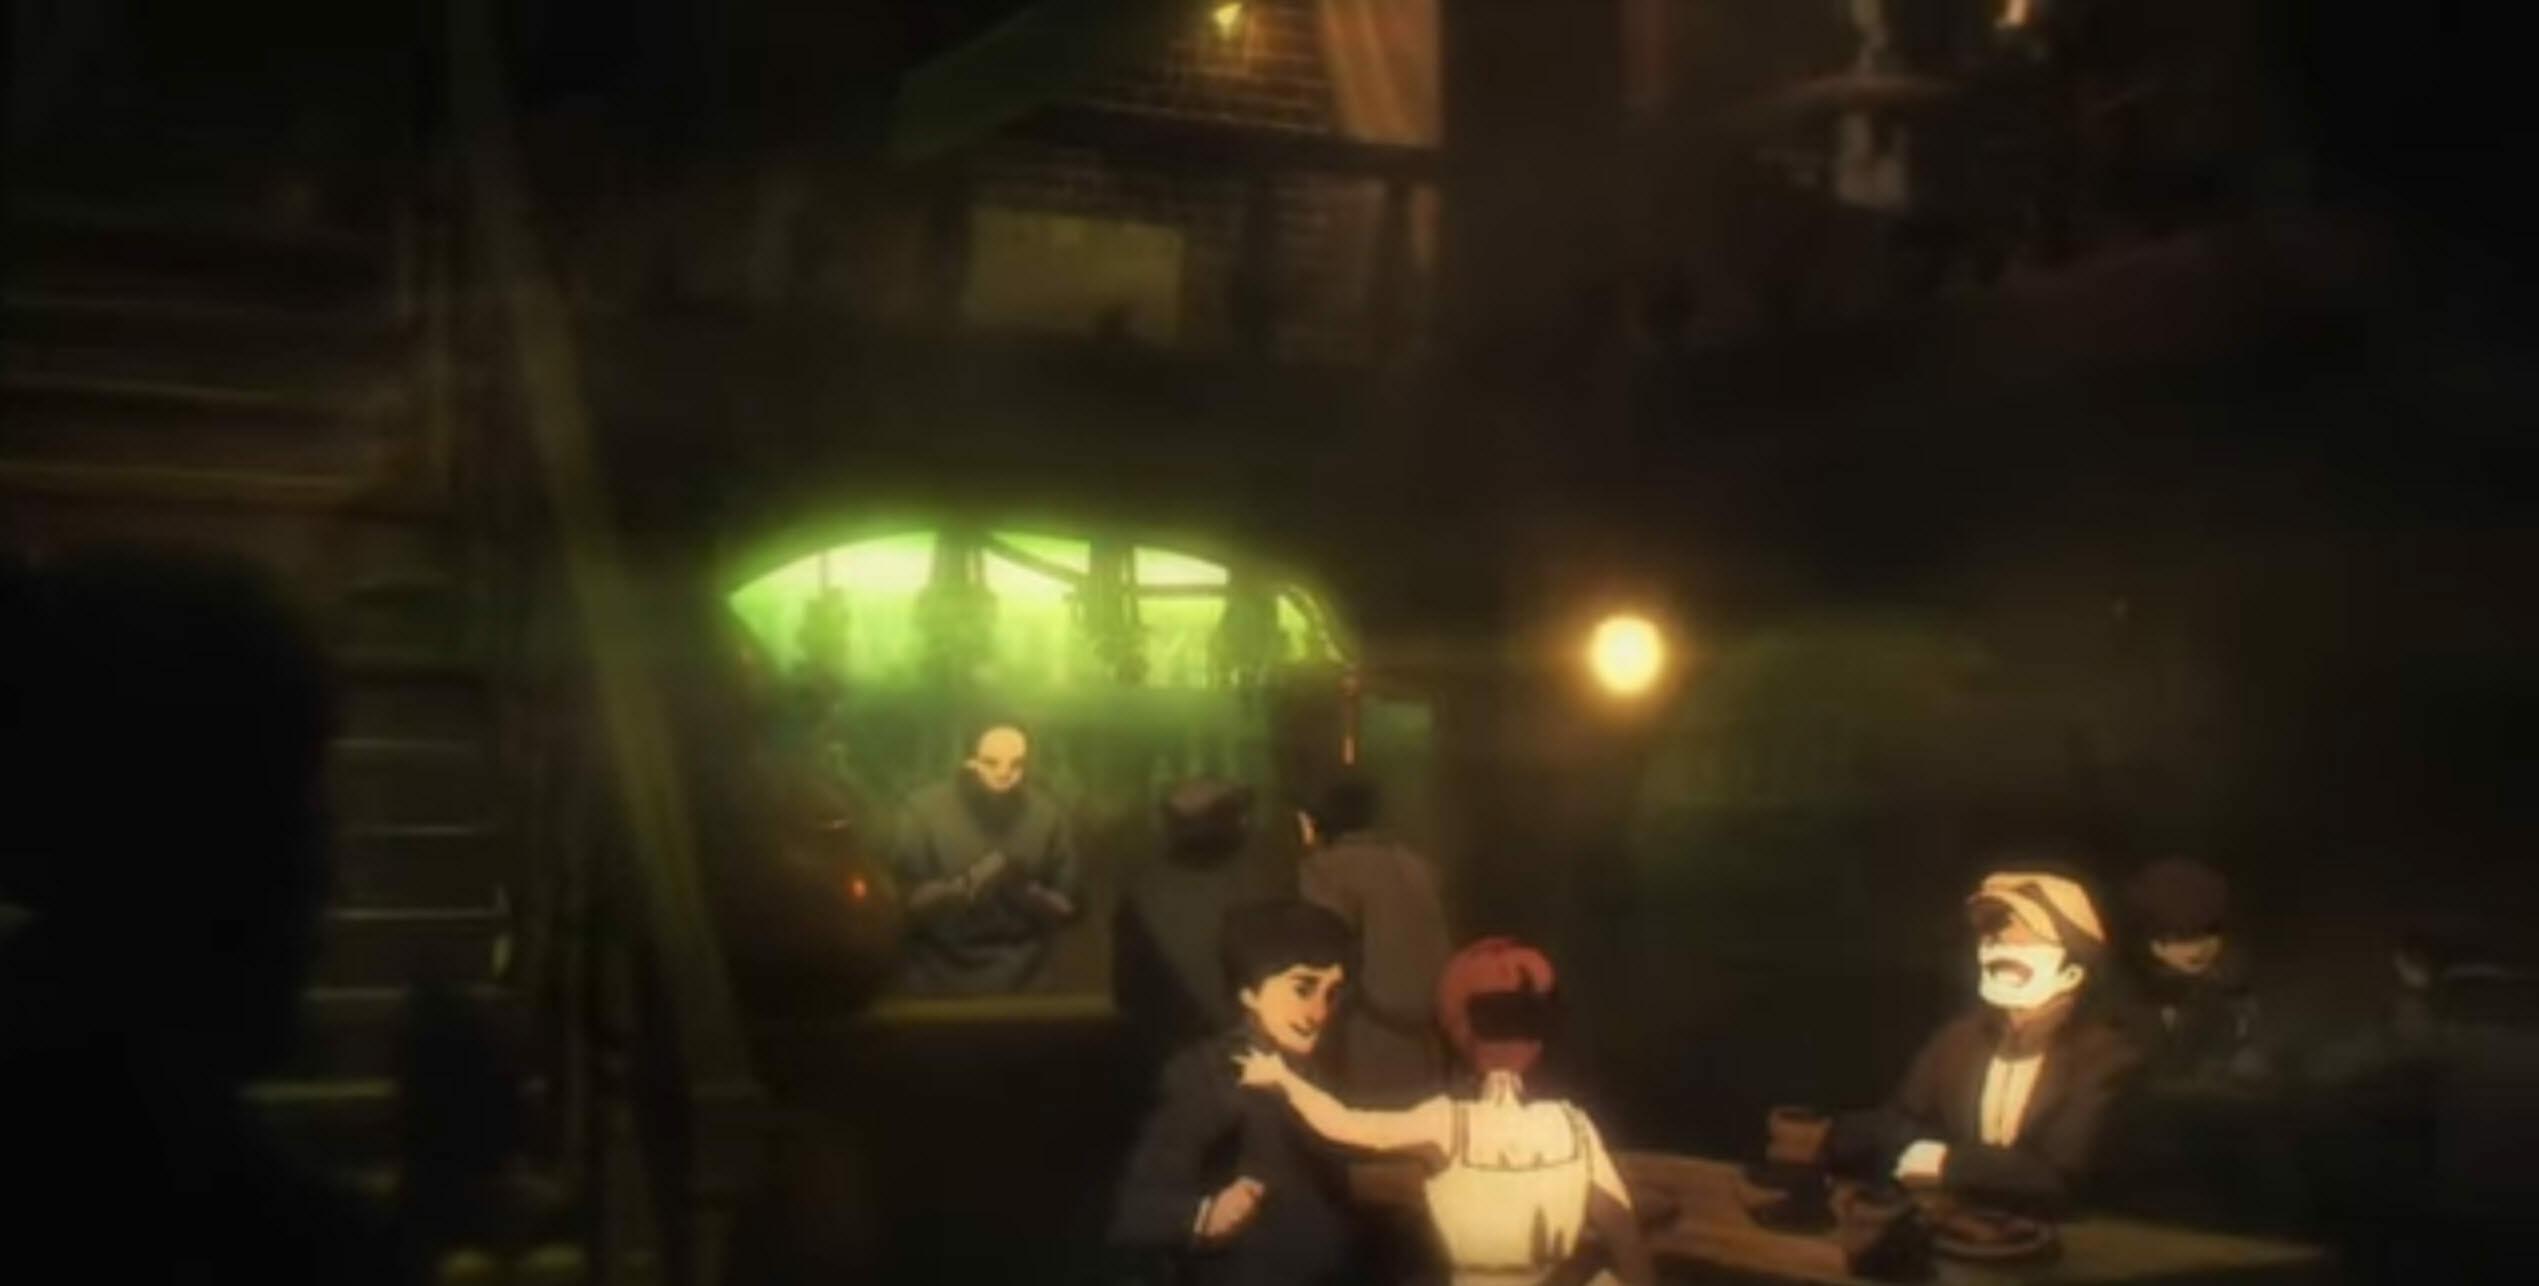 Magatsu Wahrheit Zuerst's (MWZ) second trailer shows life after the apocalypse